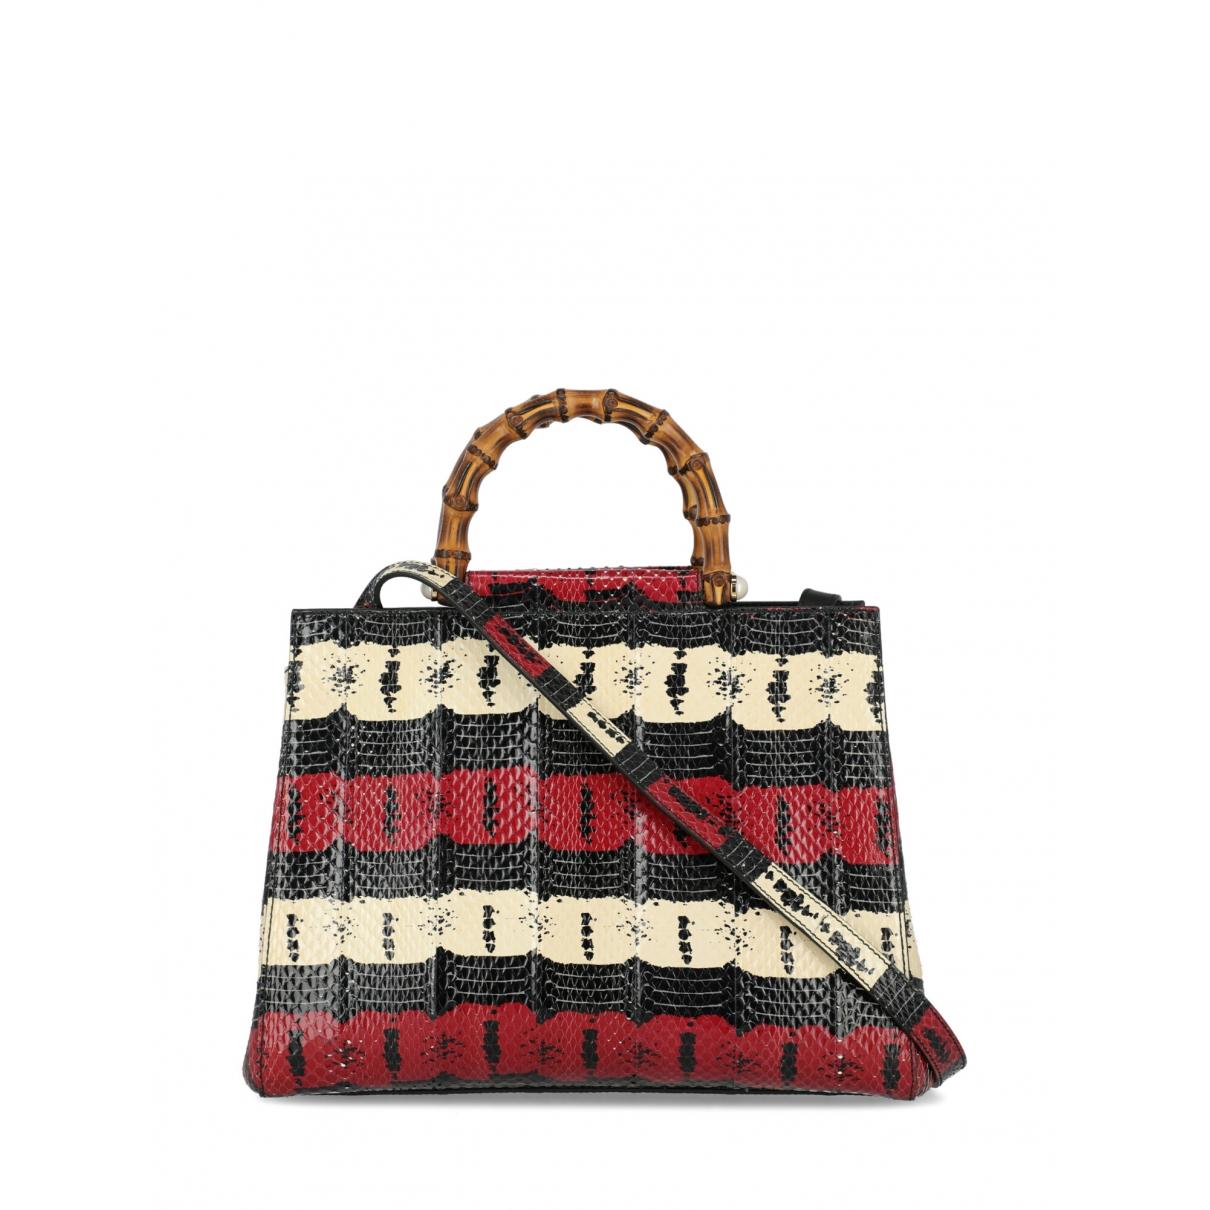 Gucci Bamboo Handtasche in  Bunt Python